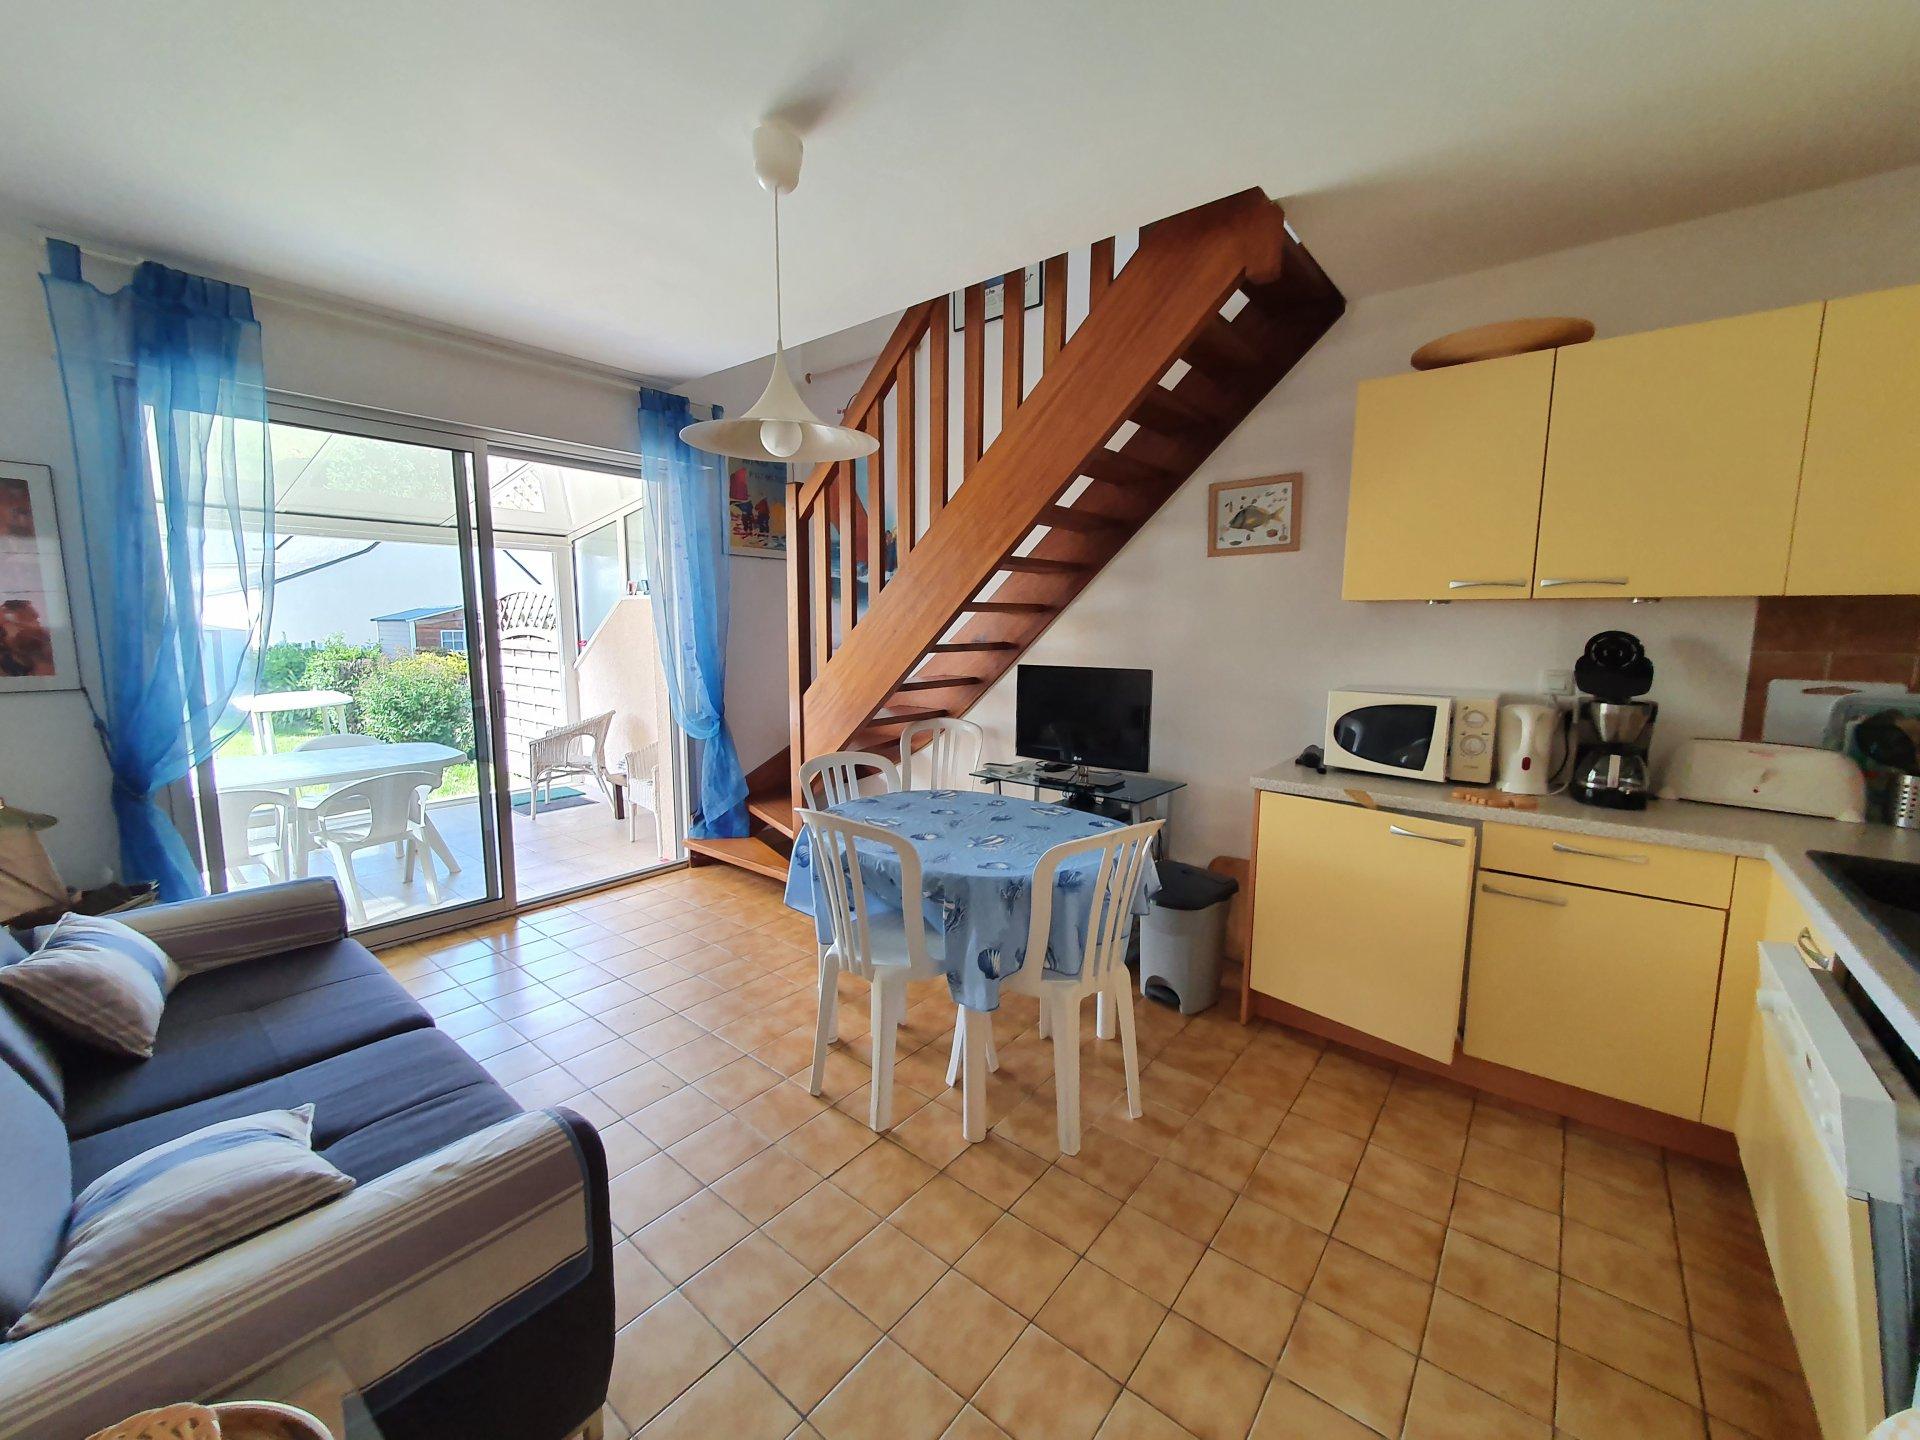 Maison à louer à Damgan  Kervoyal - Maison située à 150m de la mer